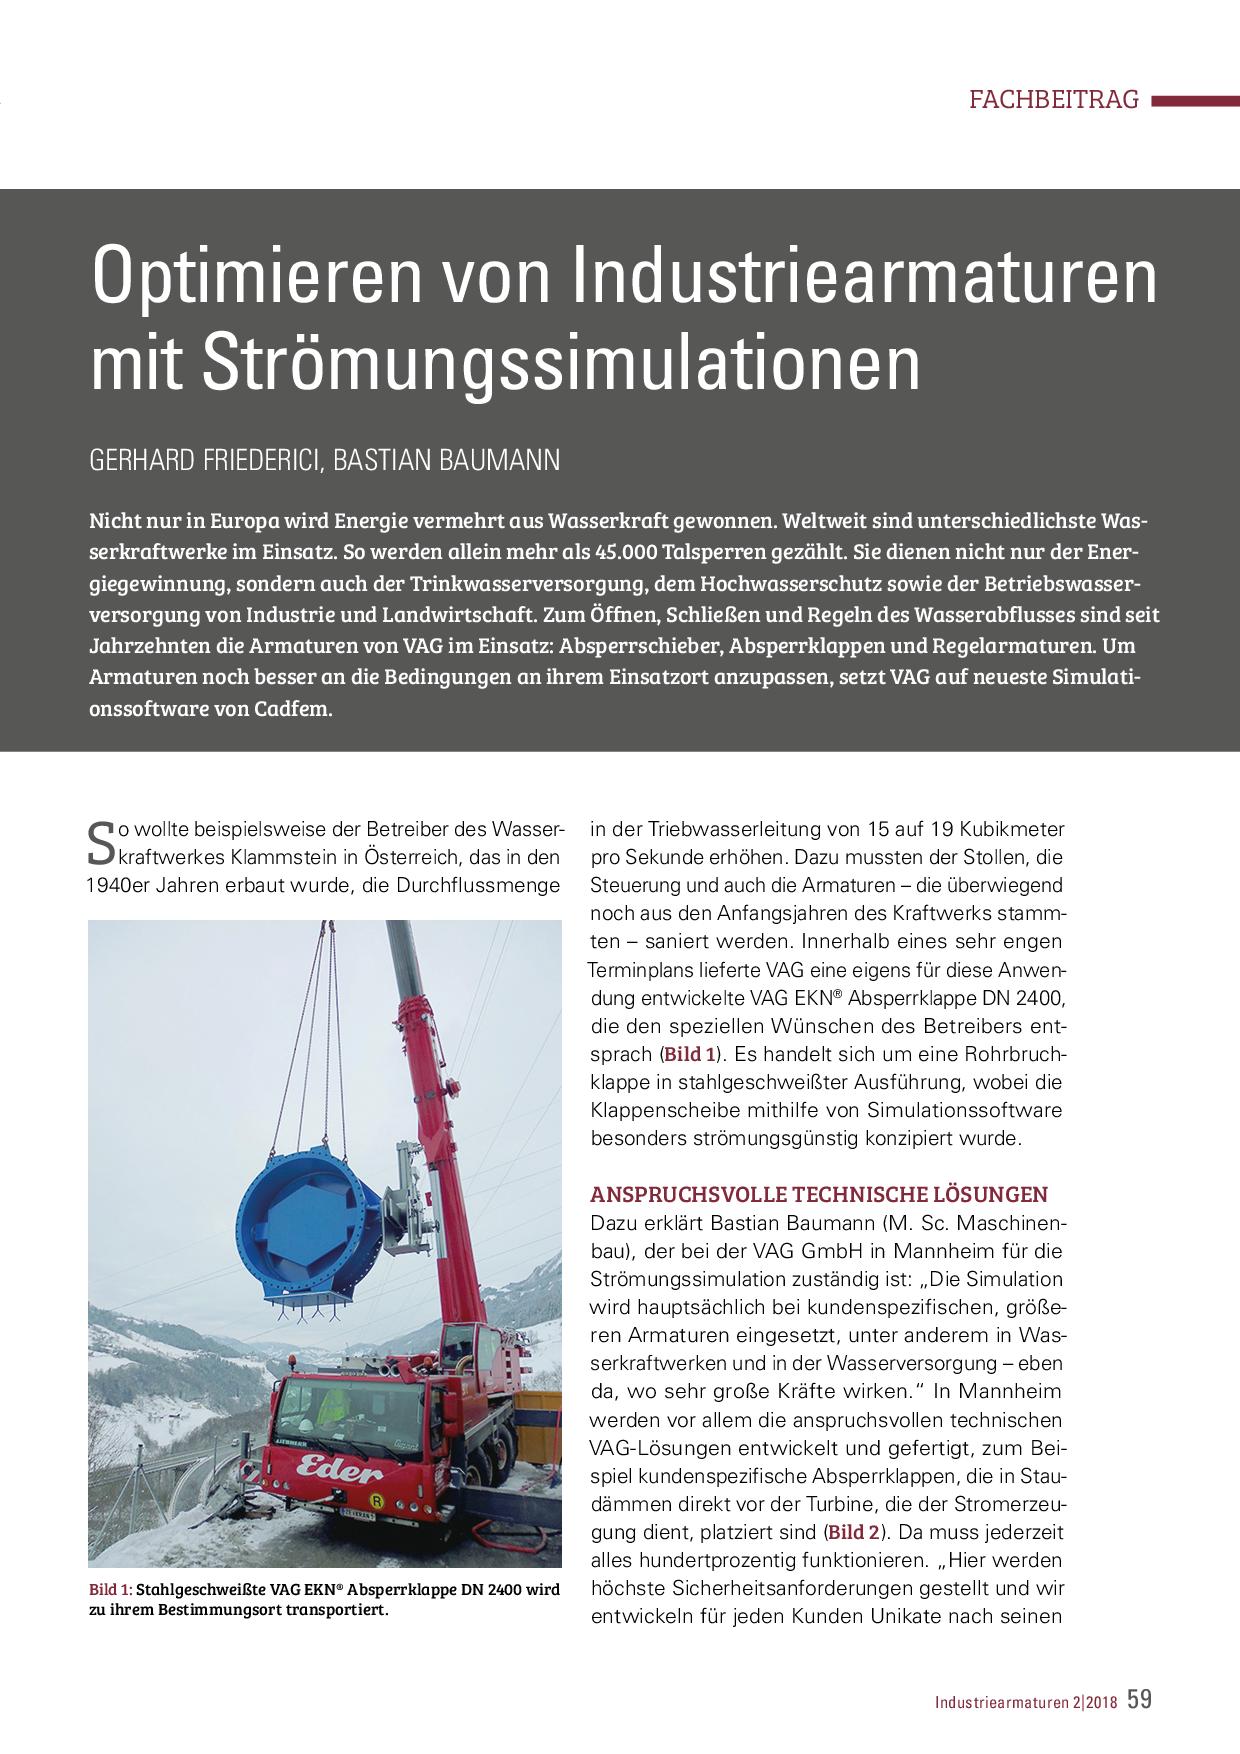 Optimieren von Industriearmaturen mit Strömungssimulationen